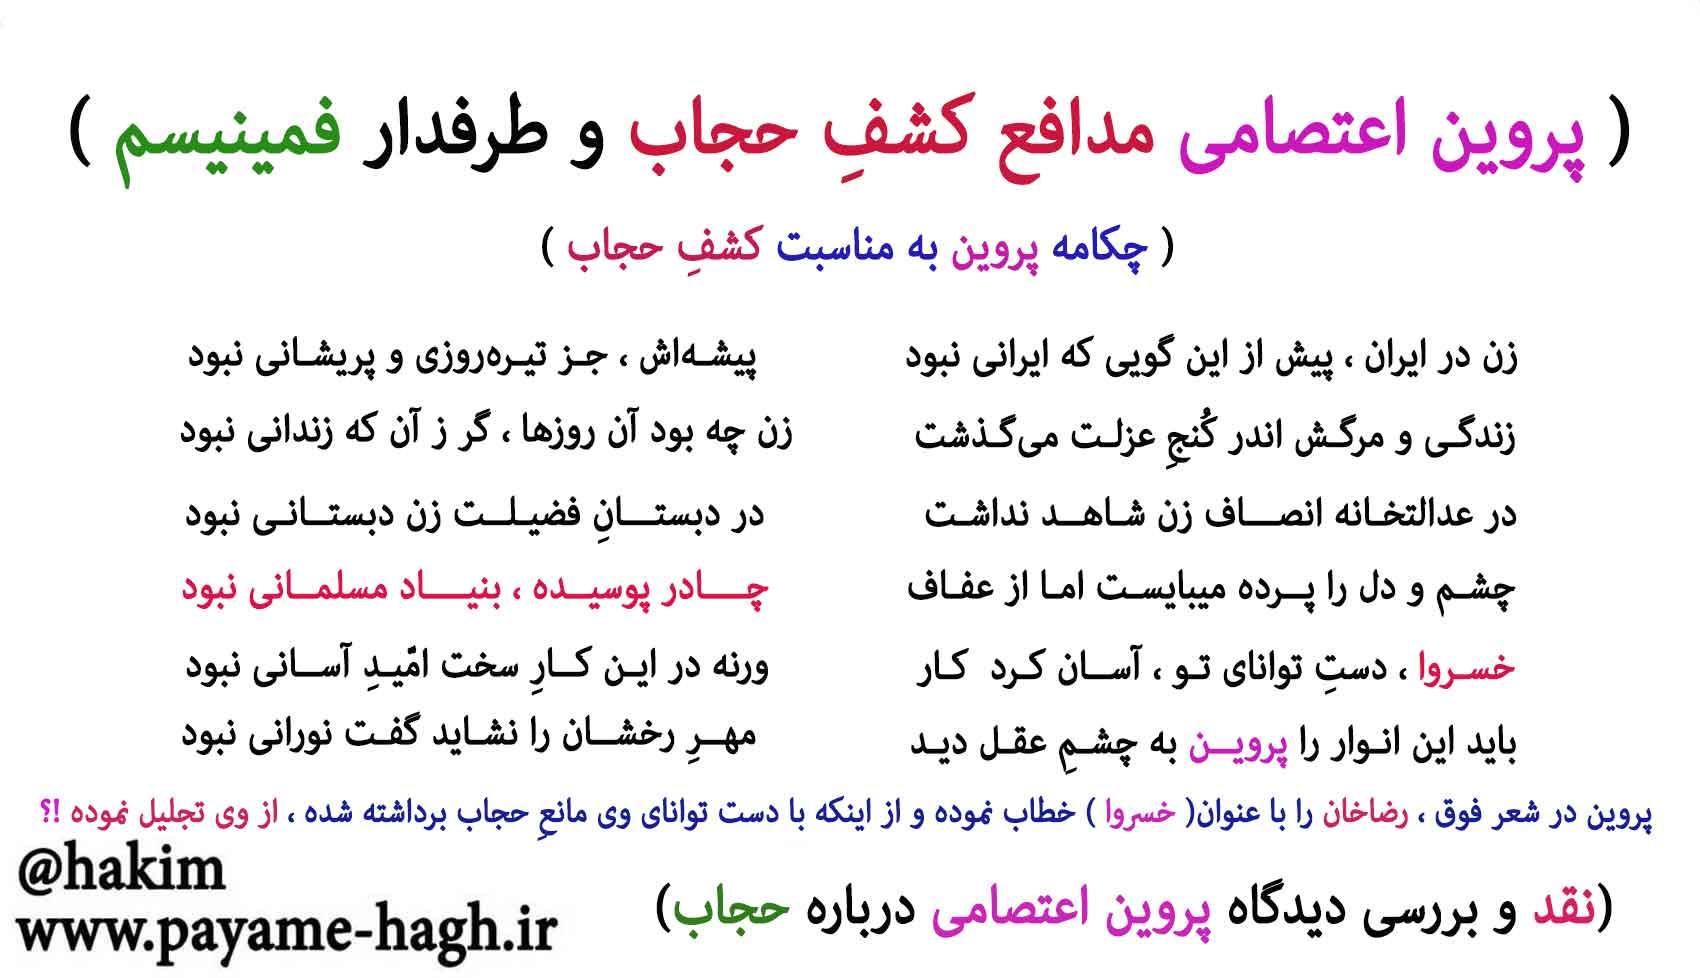 پروین اعتصامی مدافع کشف حجاب و طرفدار فمینیسم